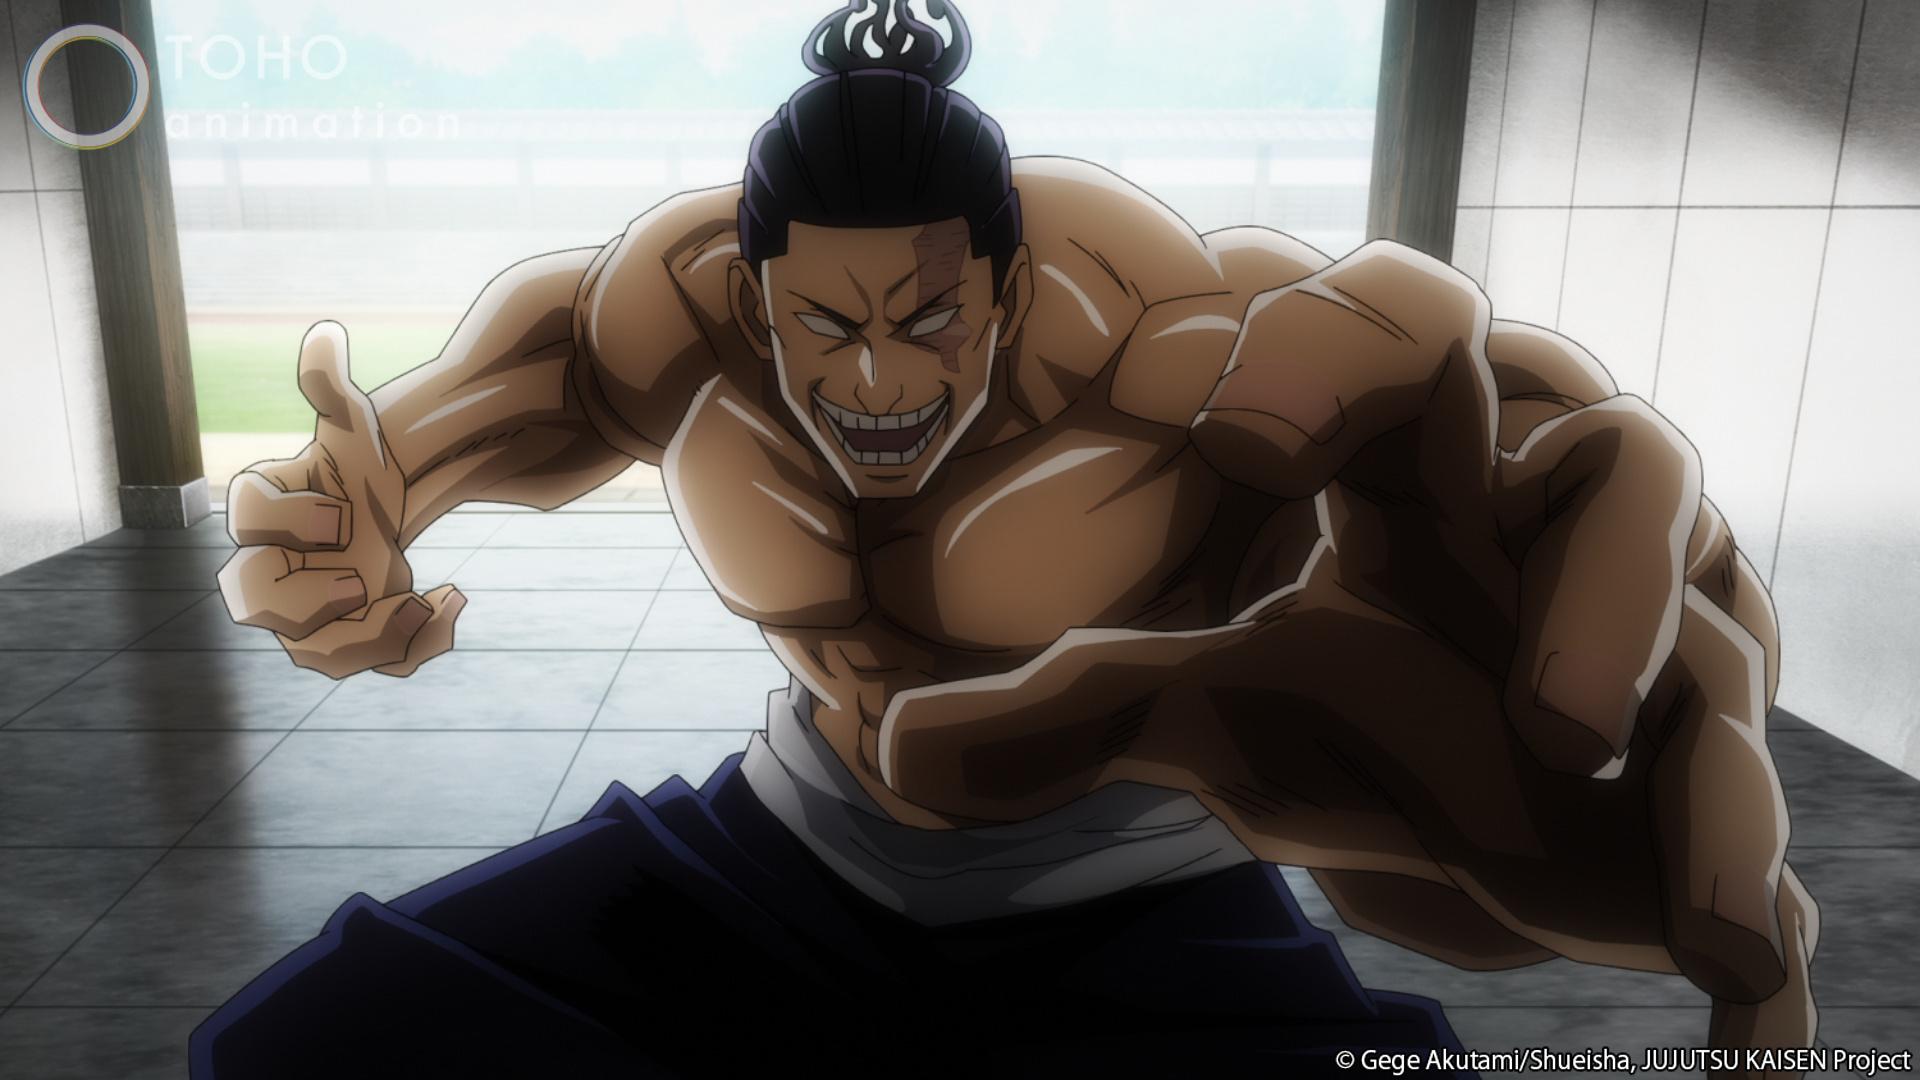 Todo Aoi. Jujutsu Kaisen : Los 6 personajes más fuertes de Jujutsu kaisen (Hasta ahora) .